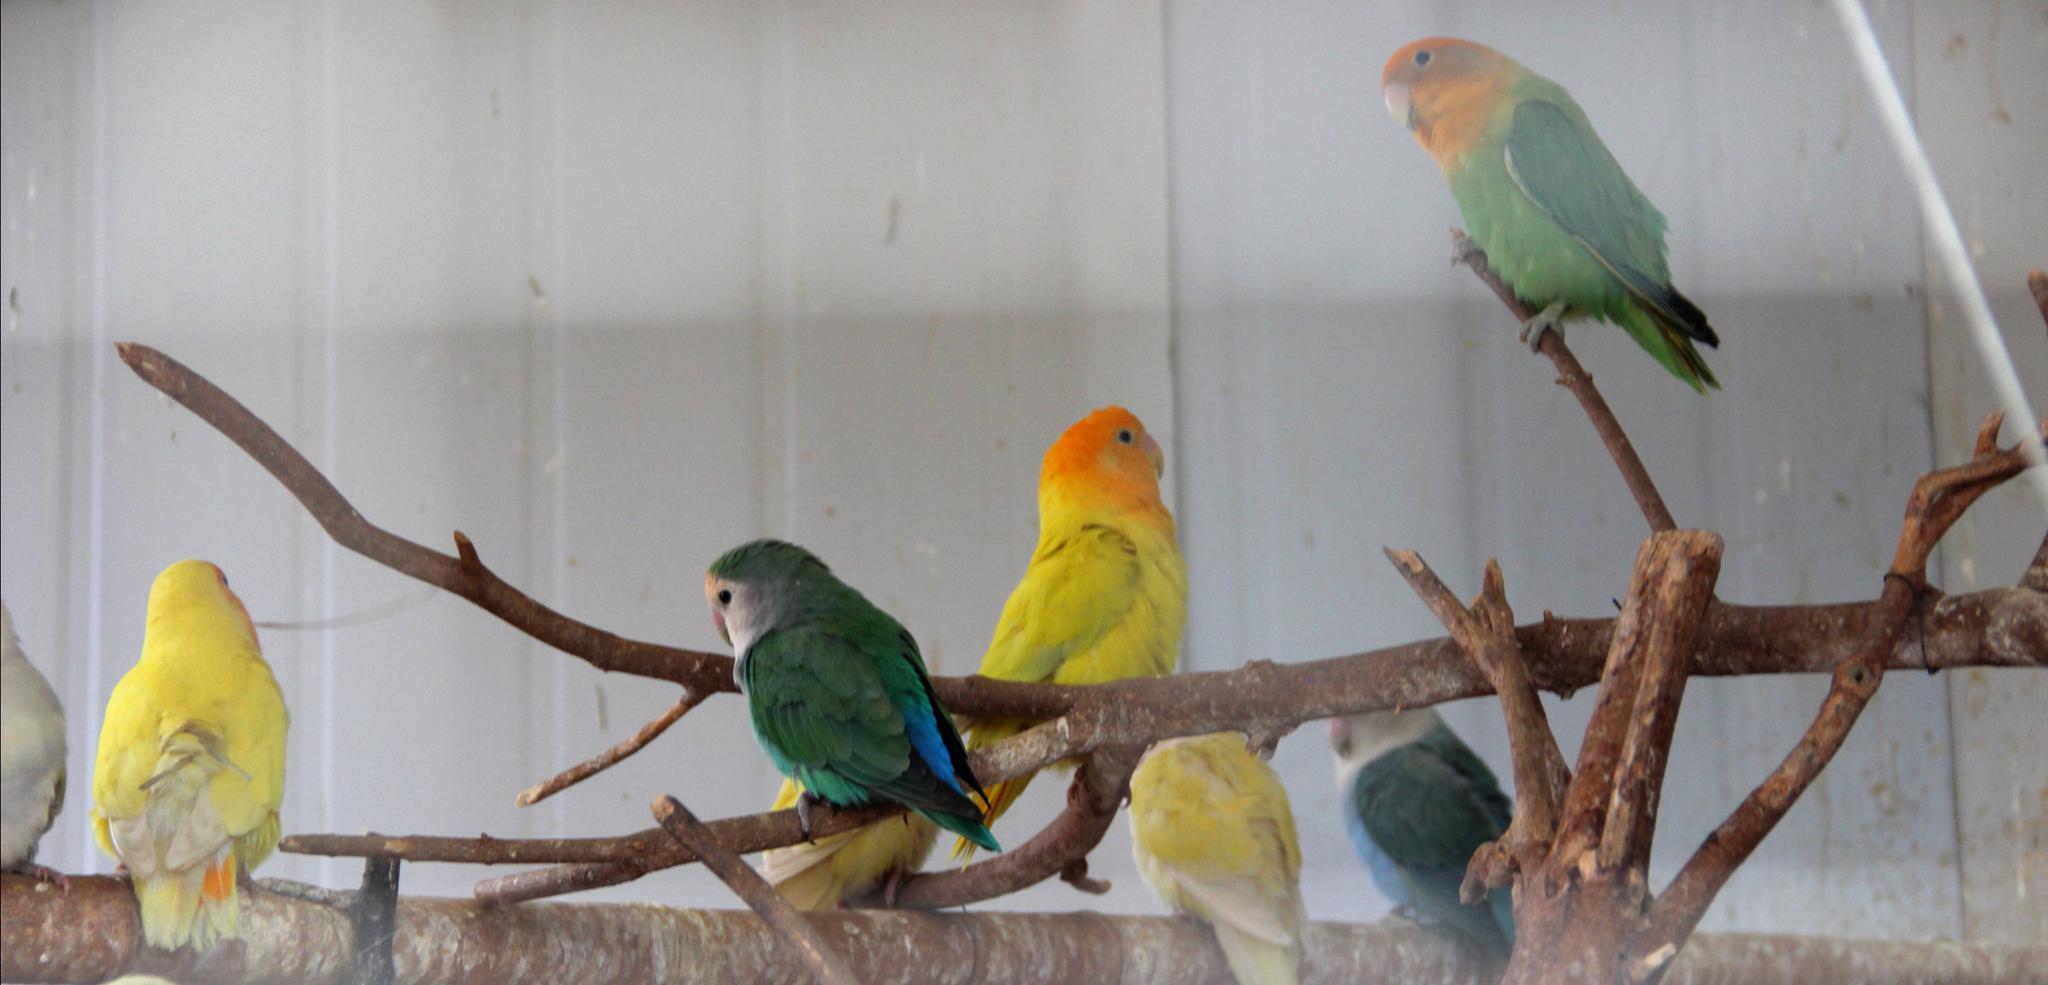 网购鹦鹉构成严重犯罪 这些野生动物碰不得图片